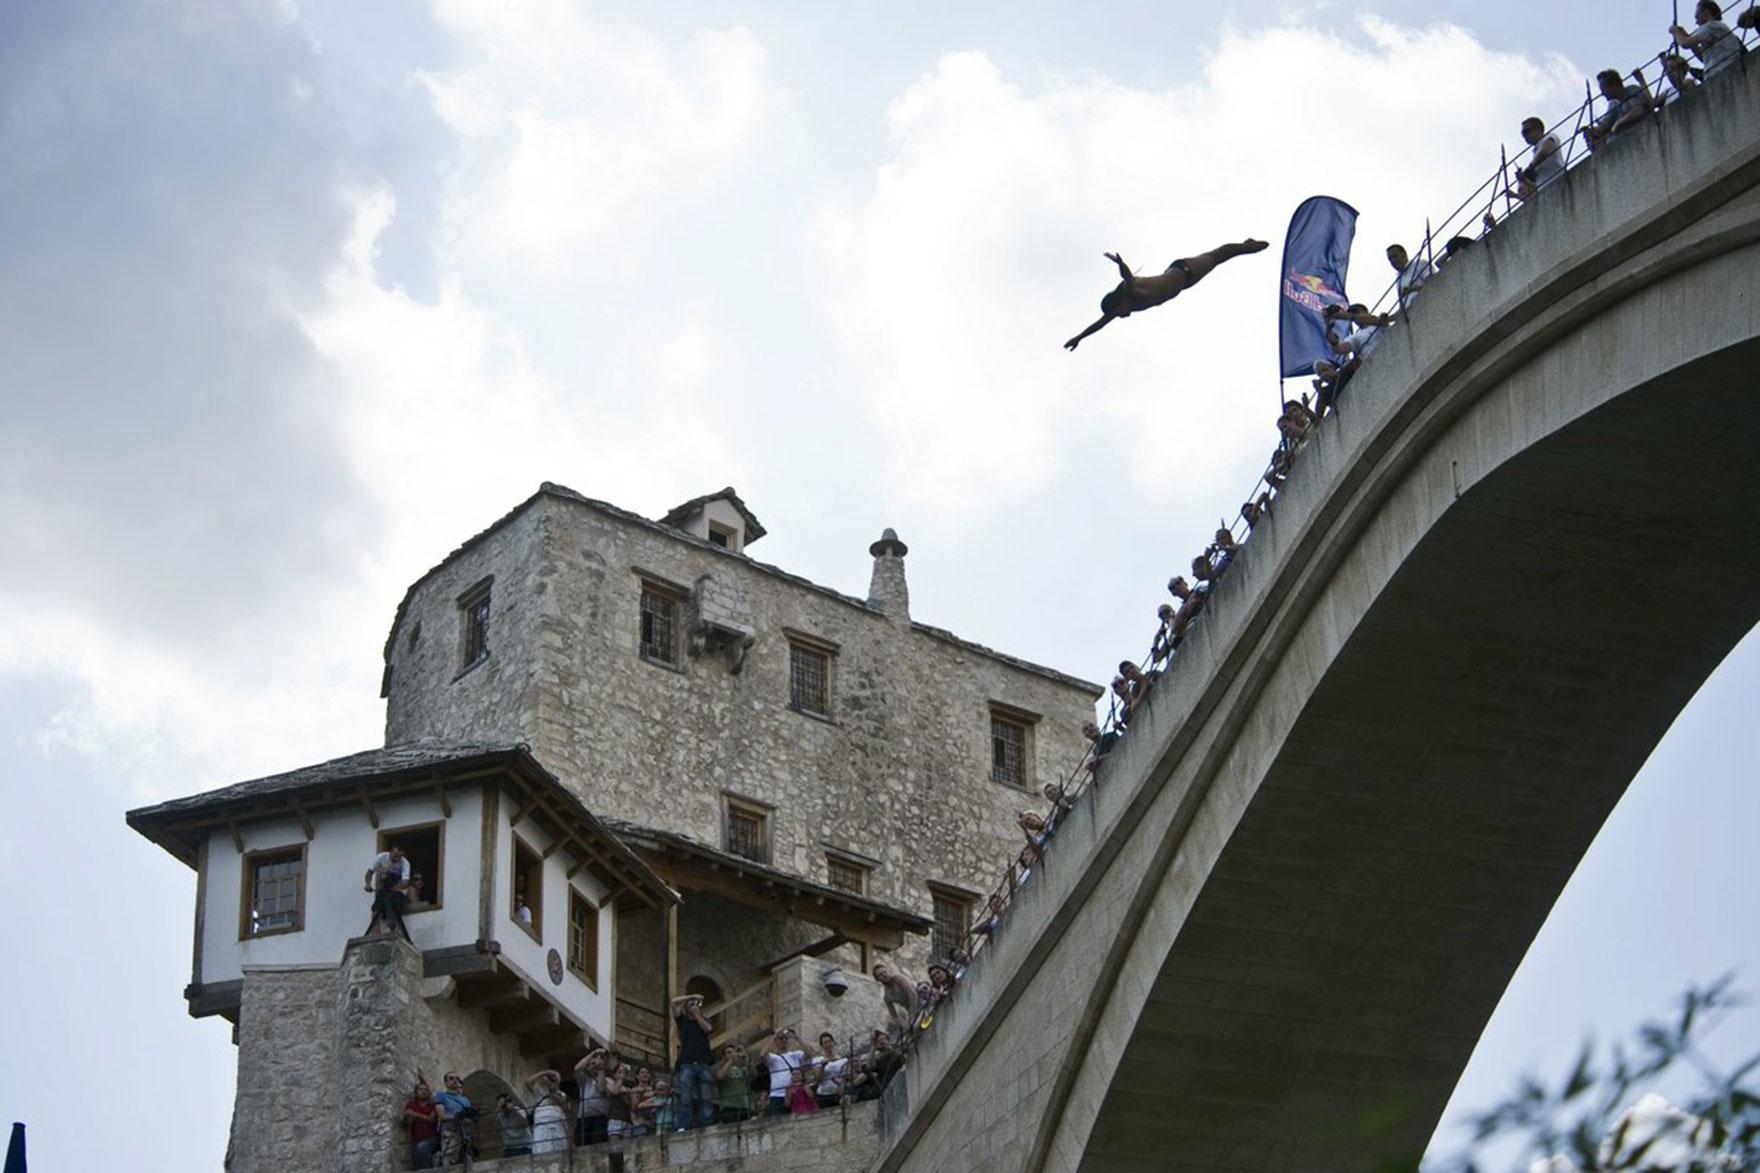 Red Bull Cliff Diving po raz pierwszy zawita do bośniackiego miasta Mostar